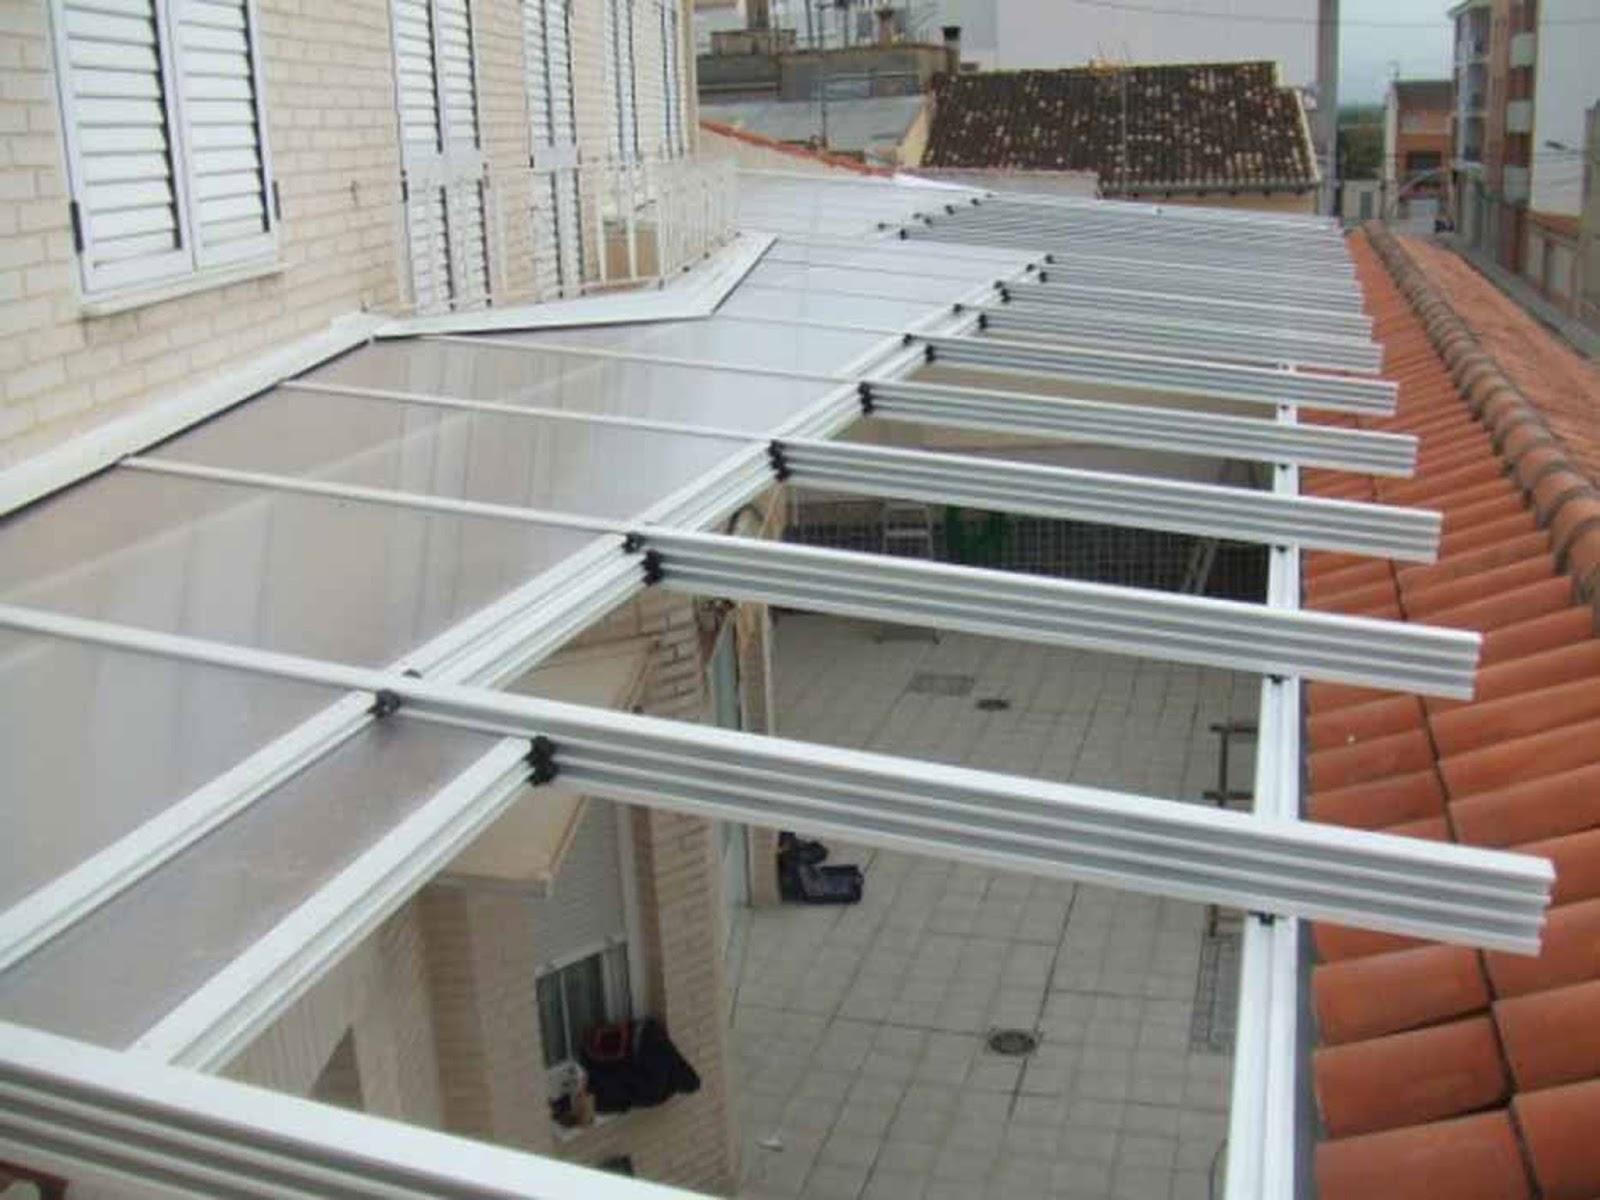 Instalaci n de techos m viles cerramientos en le n - Vidrio de policarbonato ...